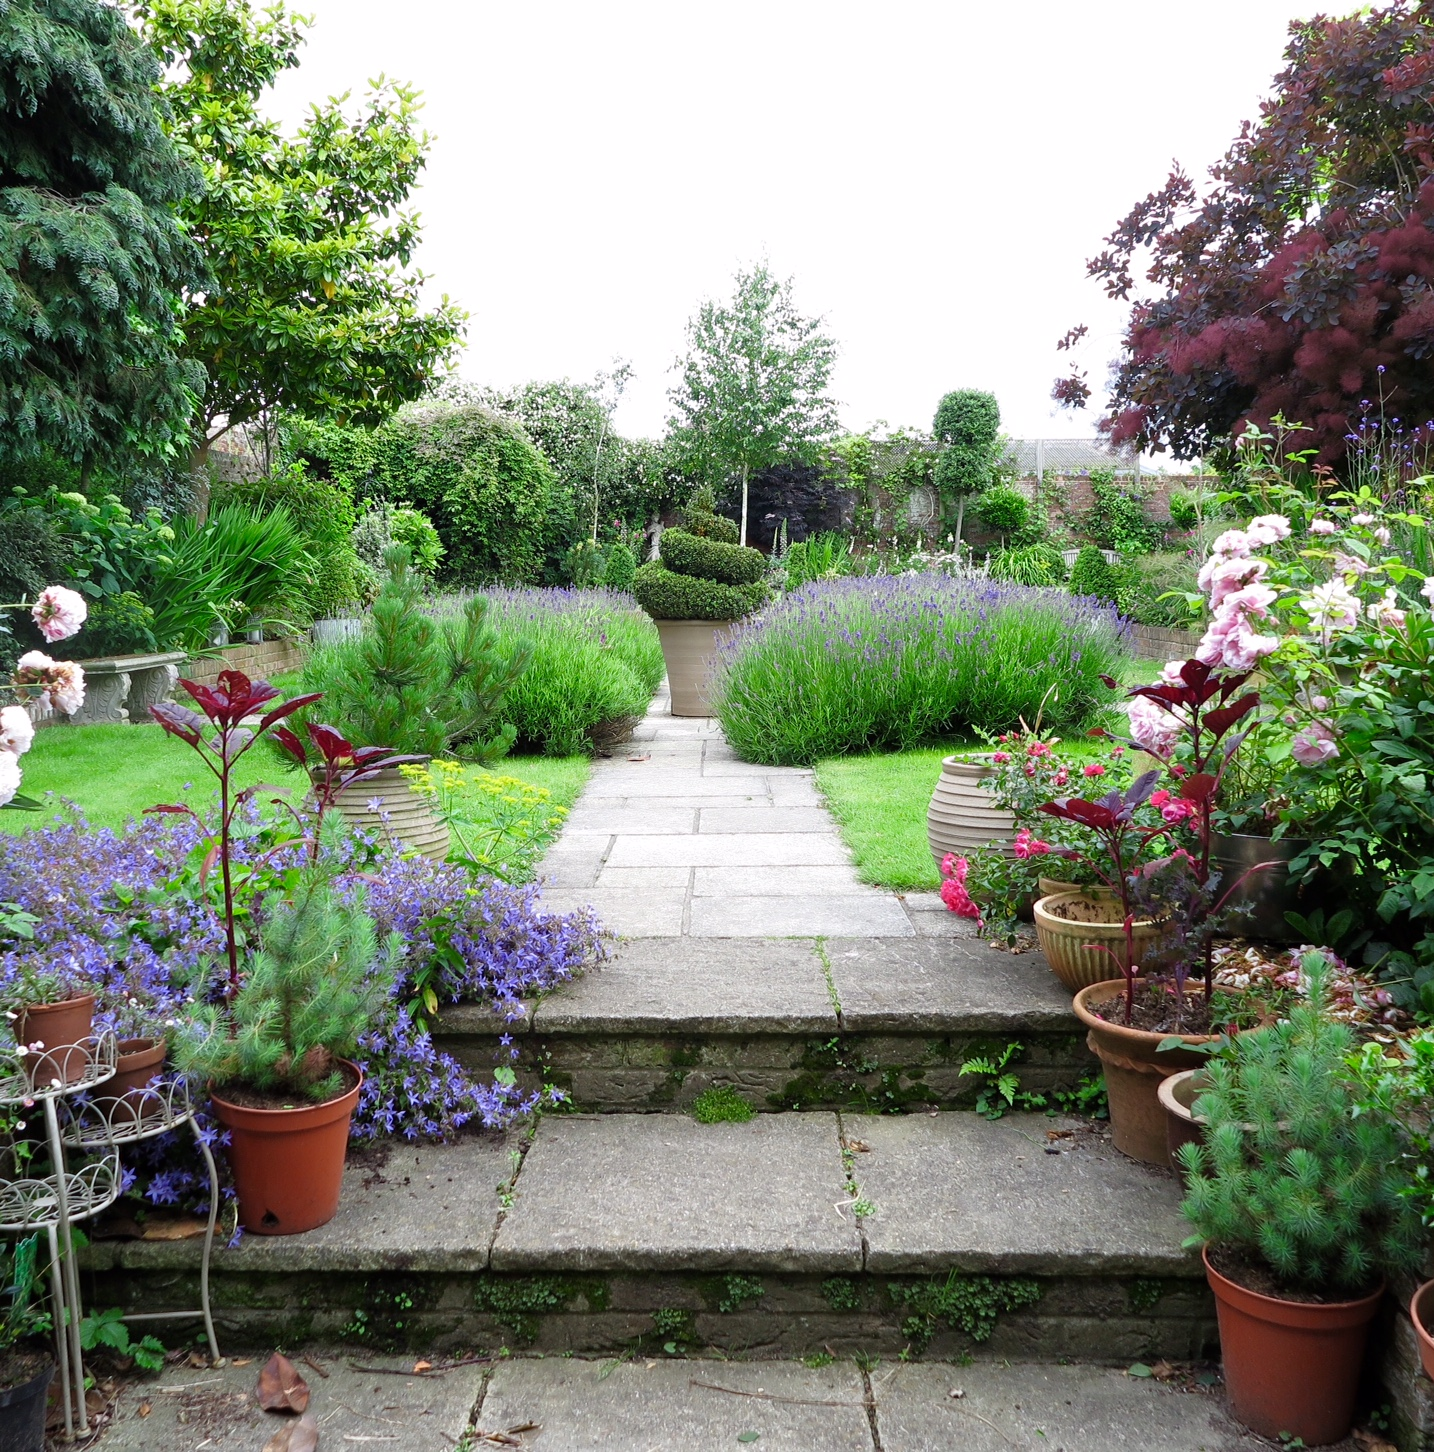 parterre garden June 2016